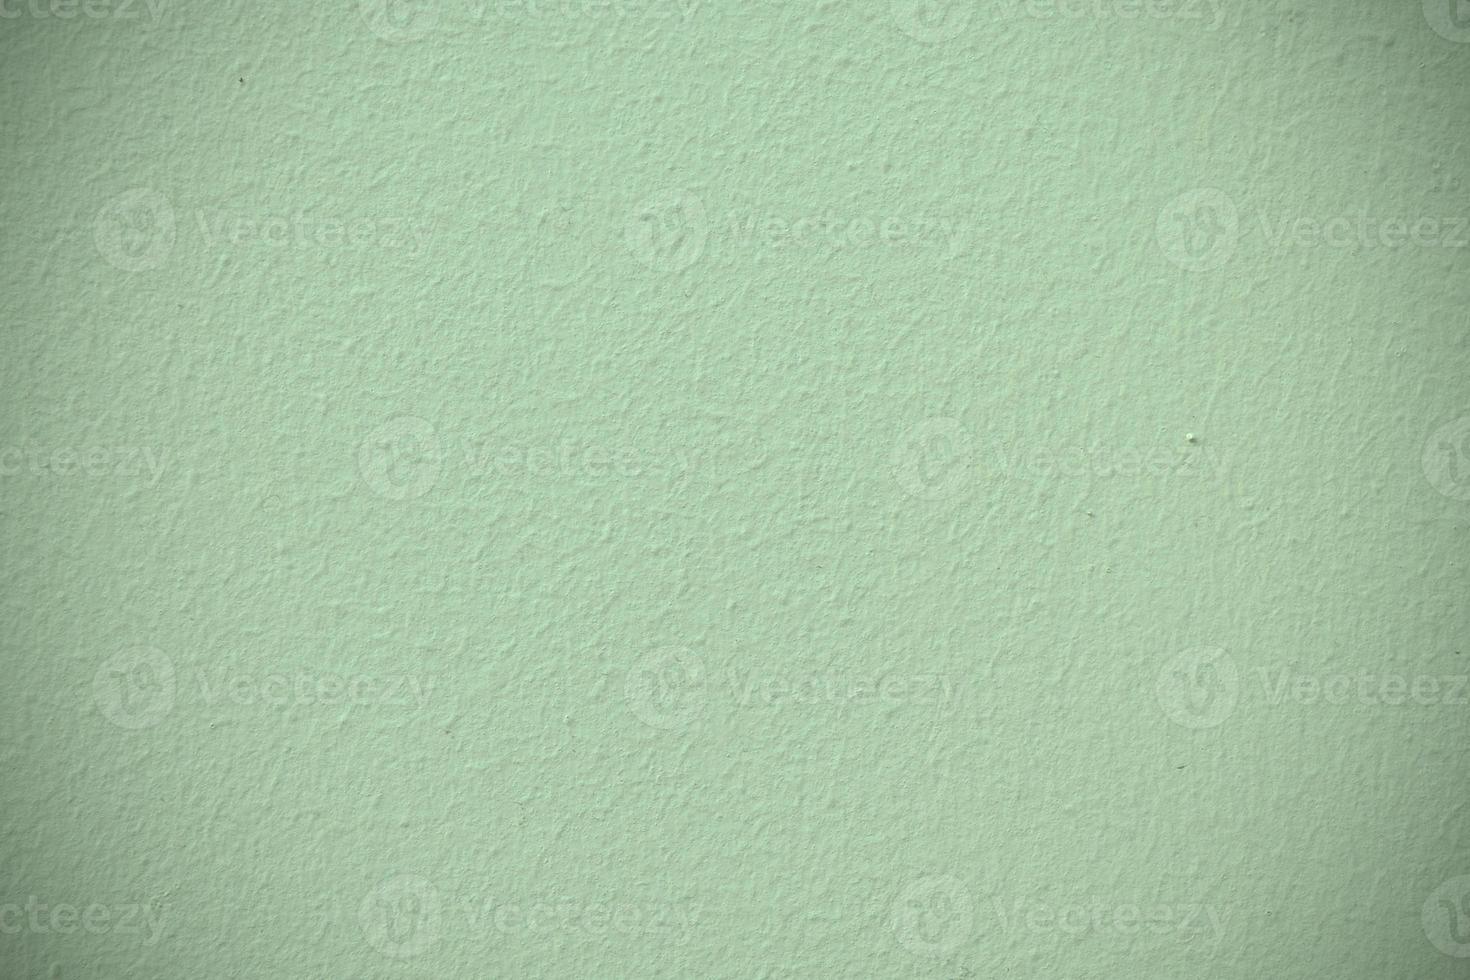 vignetta di cemento verde texture utilizzata per lo sfondo foto